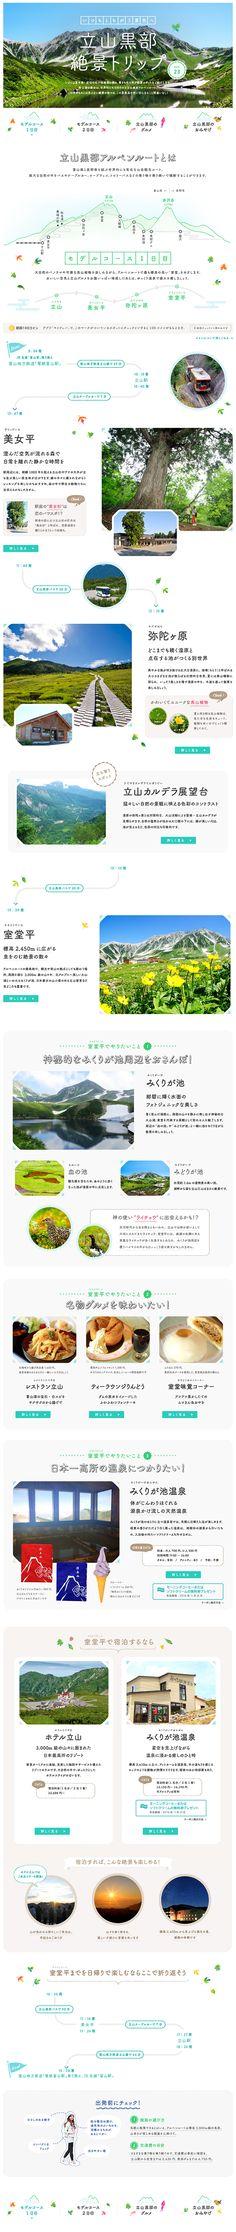 立山黒部絶景トリップ WEBデザイナーさん必見!ランディングページのデザイン参考に(かわいい系)